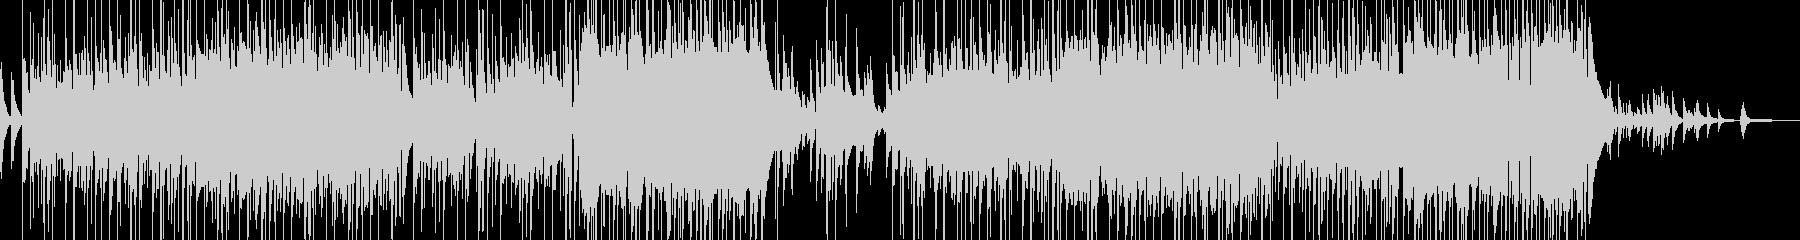 ピアノとフルートの柔和なスローバラードの未再生の波形